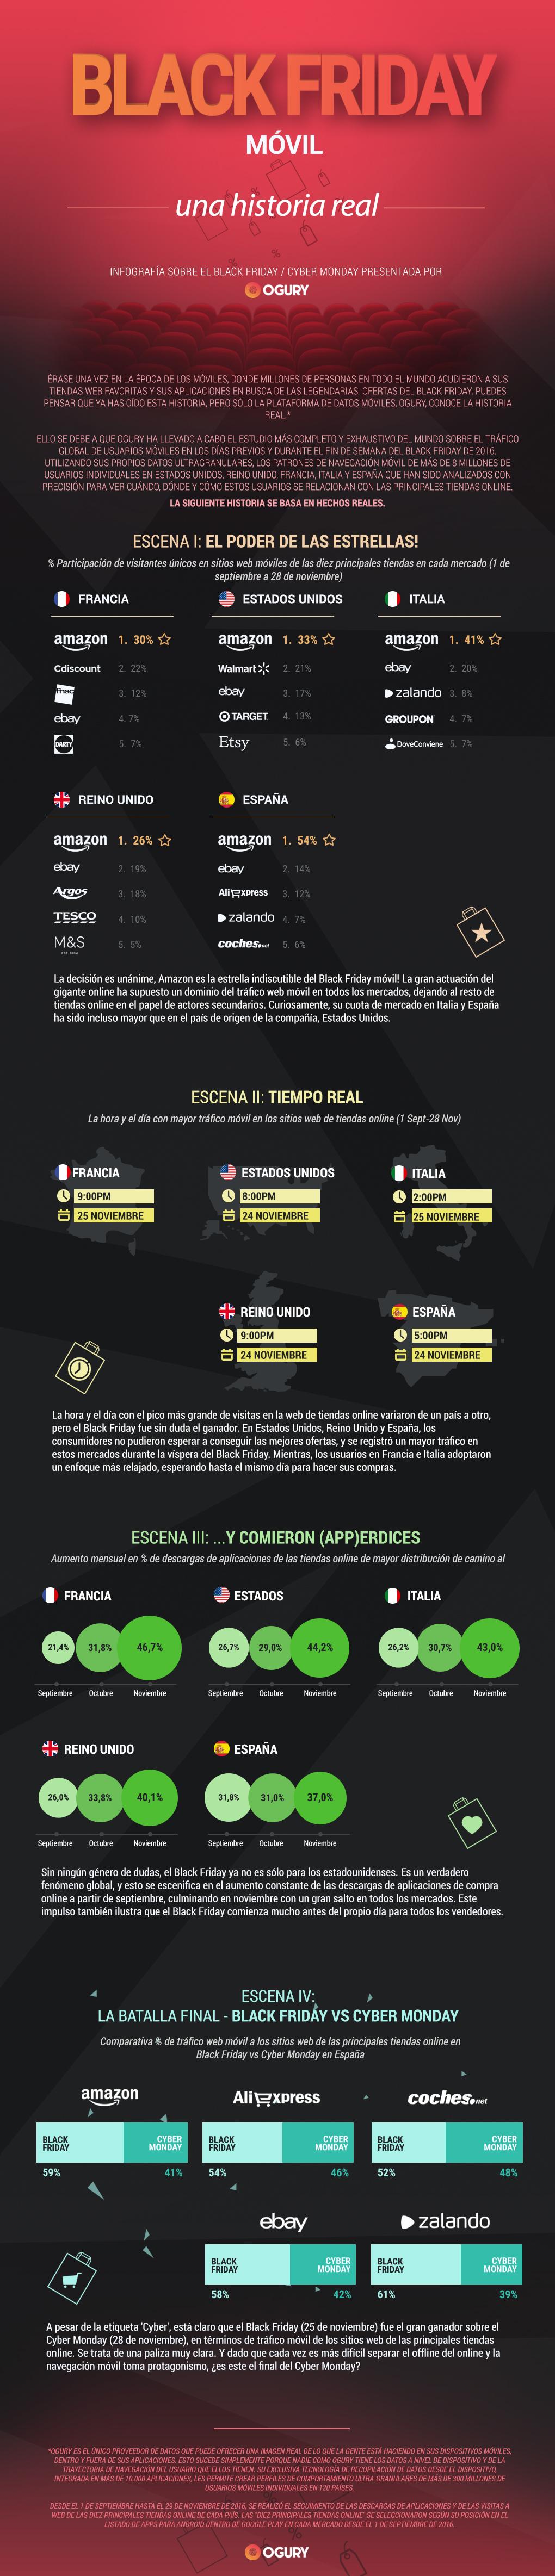 Resultados del Black Friday en España #infografia #infographic #marketing